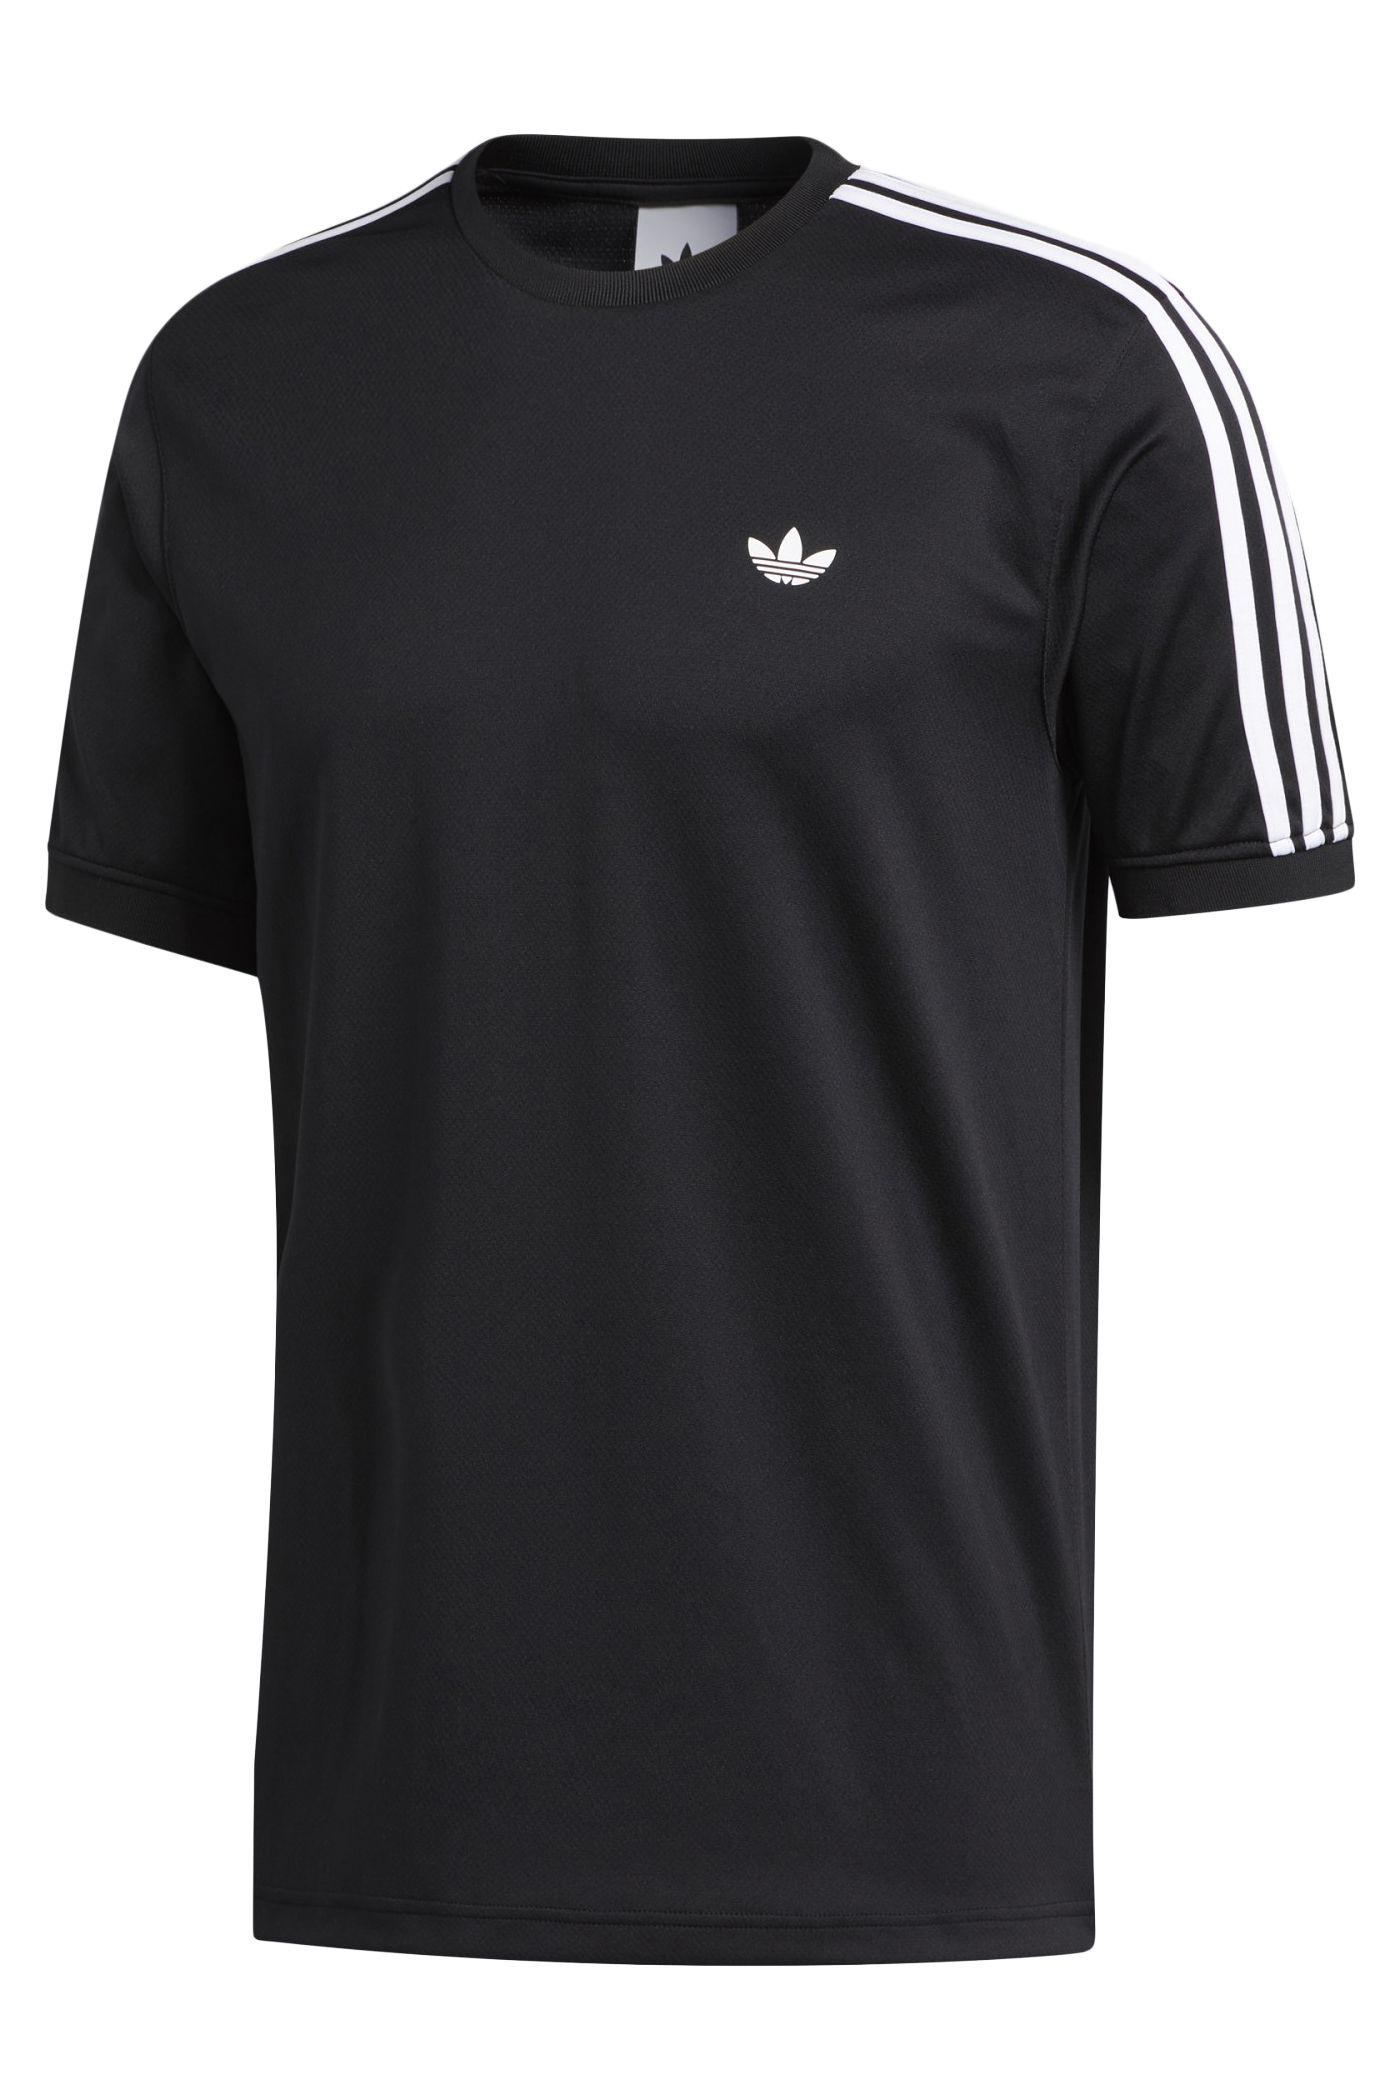 T-Shirt Adidas AERO CLUB JRSY Black/White